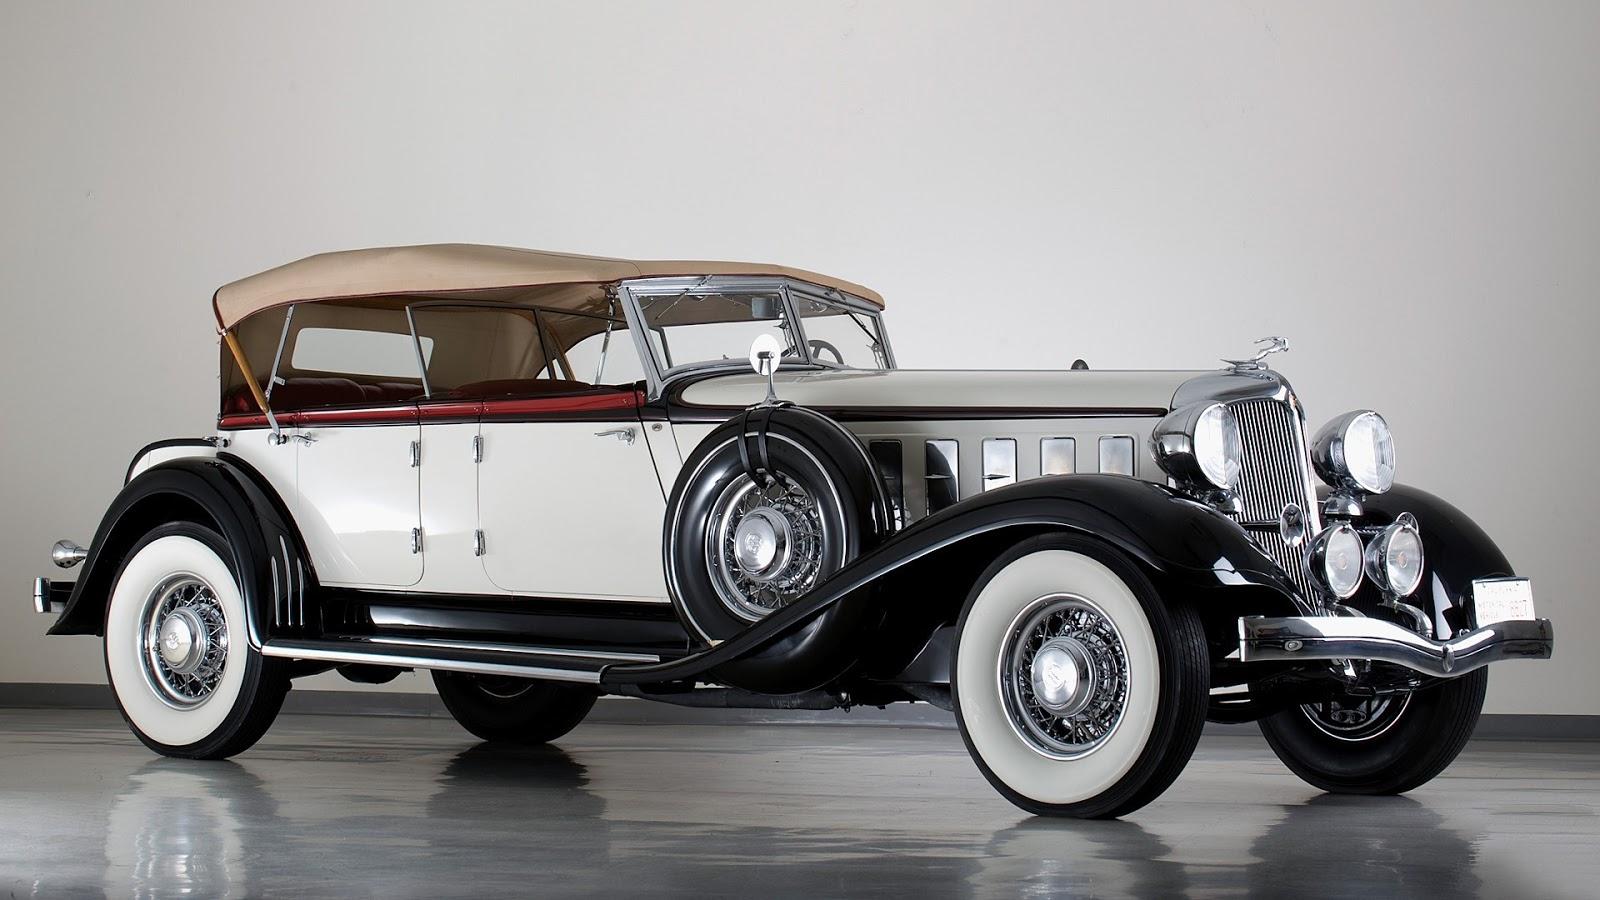 Cars Classic Cars New Hd Wallpaper  jpg 1600x900